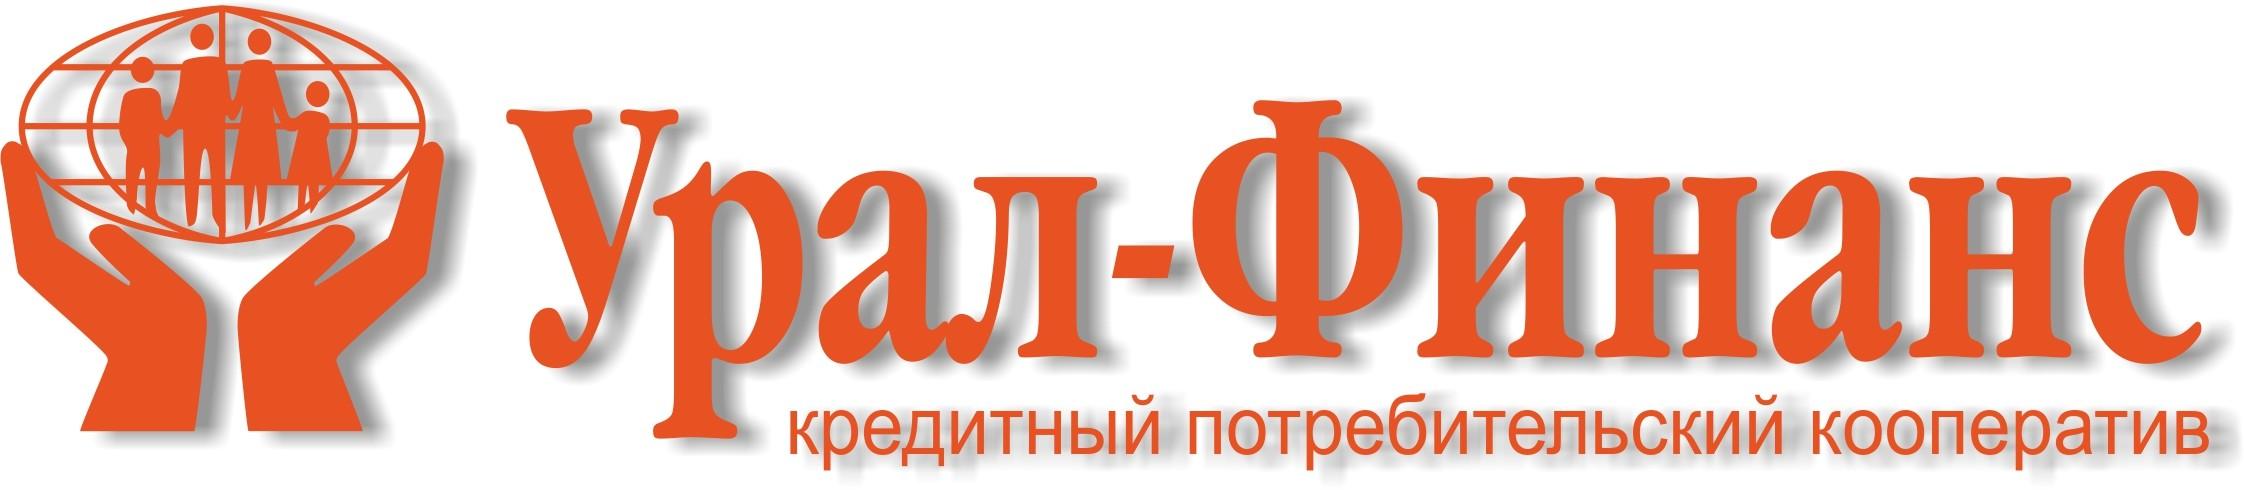 Как вступить в КПК «Урал Финанс»